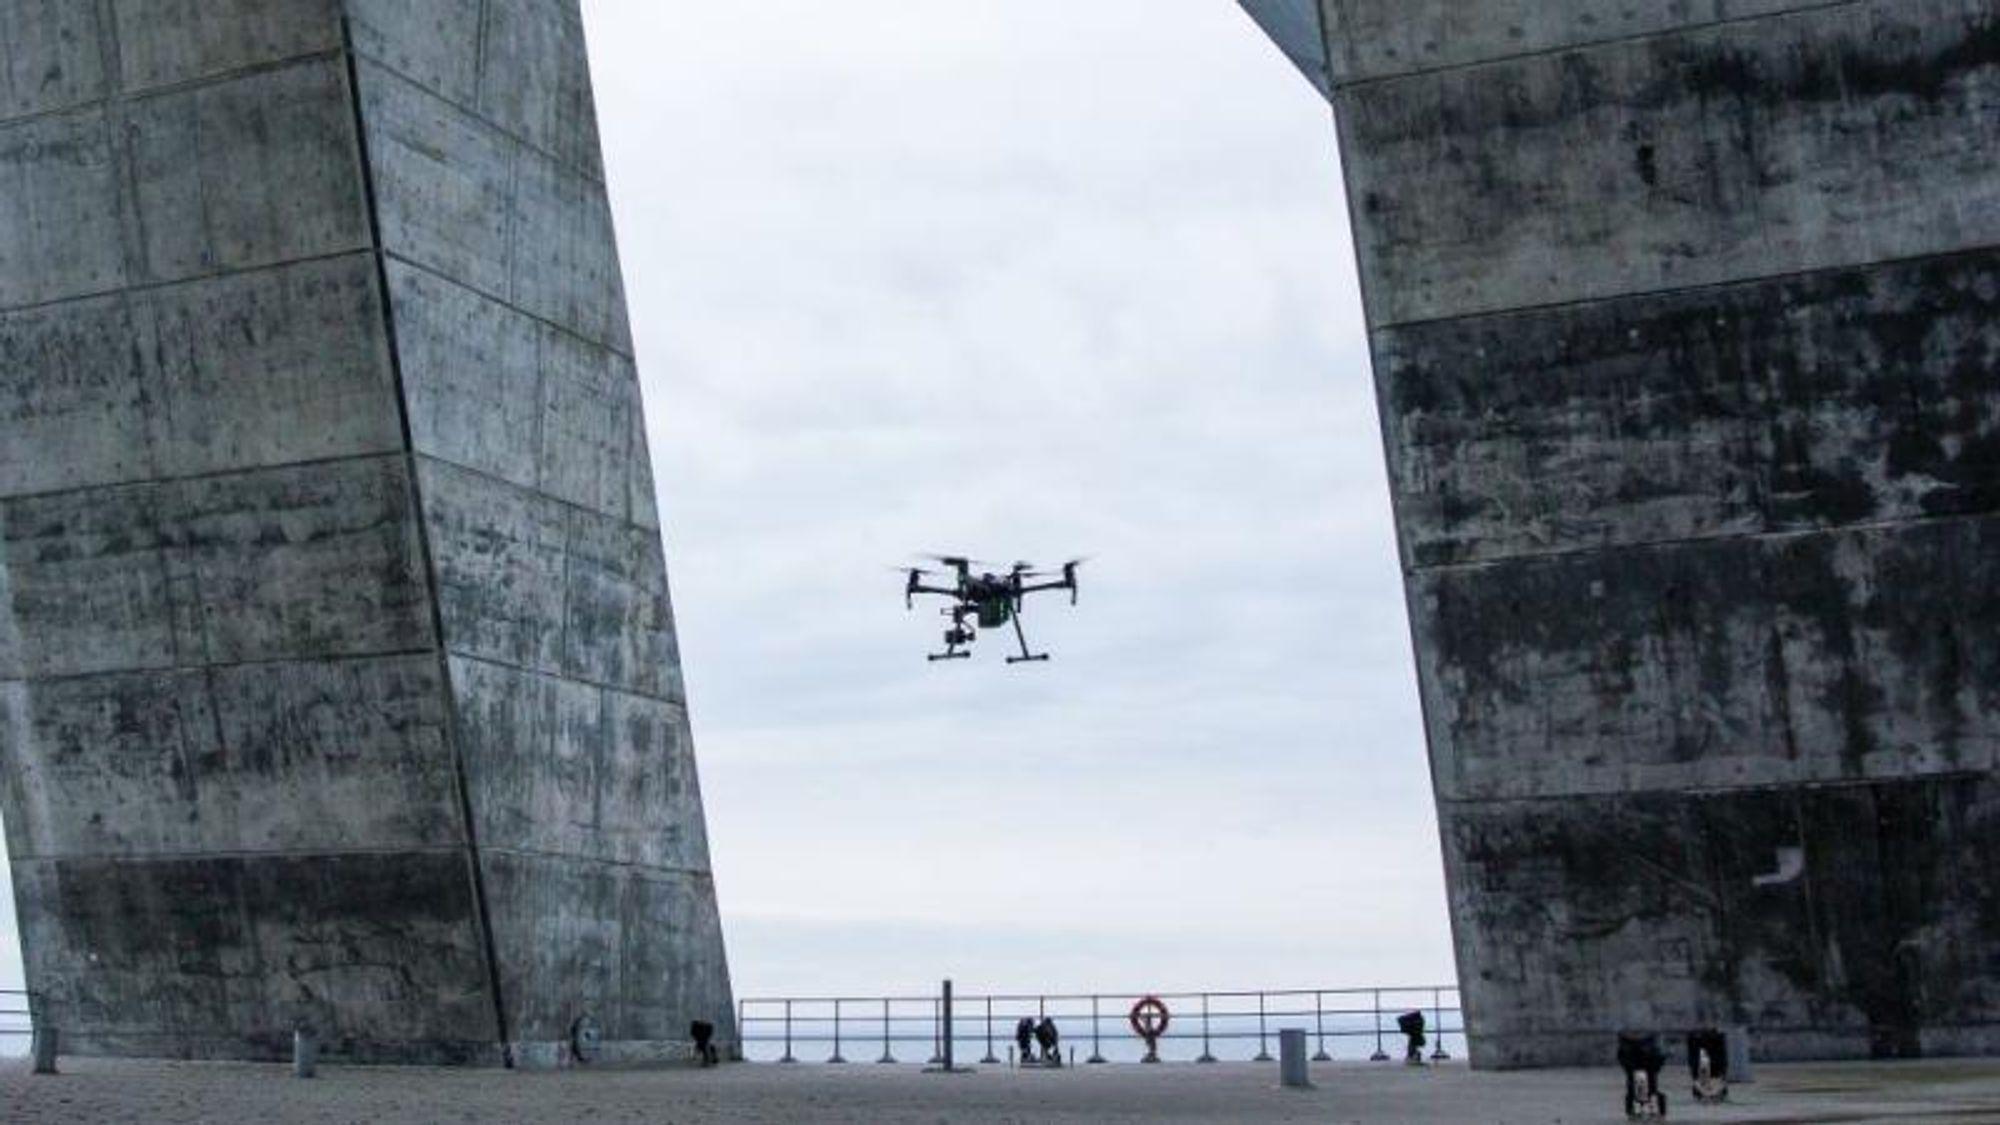 Det testes nå bruk av droner og stridsvogn-lignende roboter med sugeføtter til inspeksjon av ankerblokkene til brua.